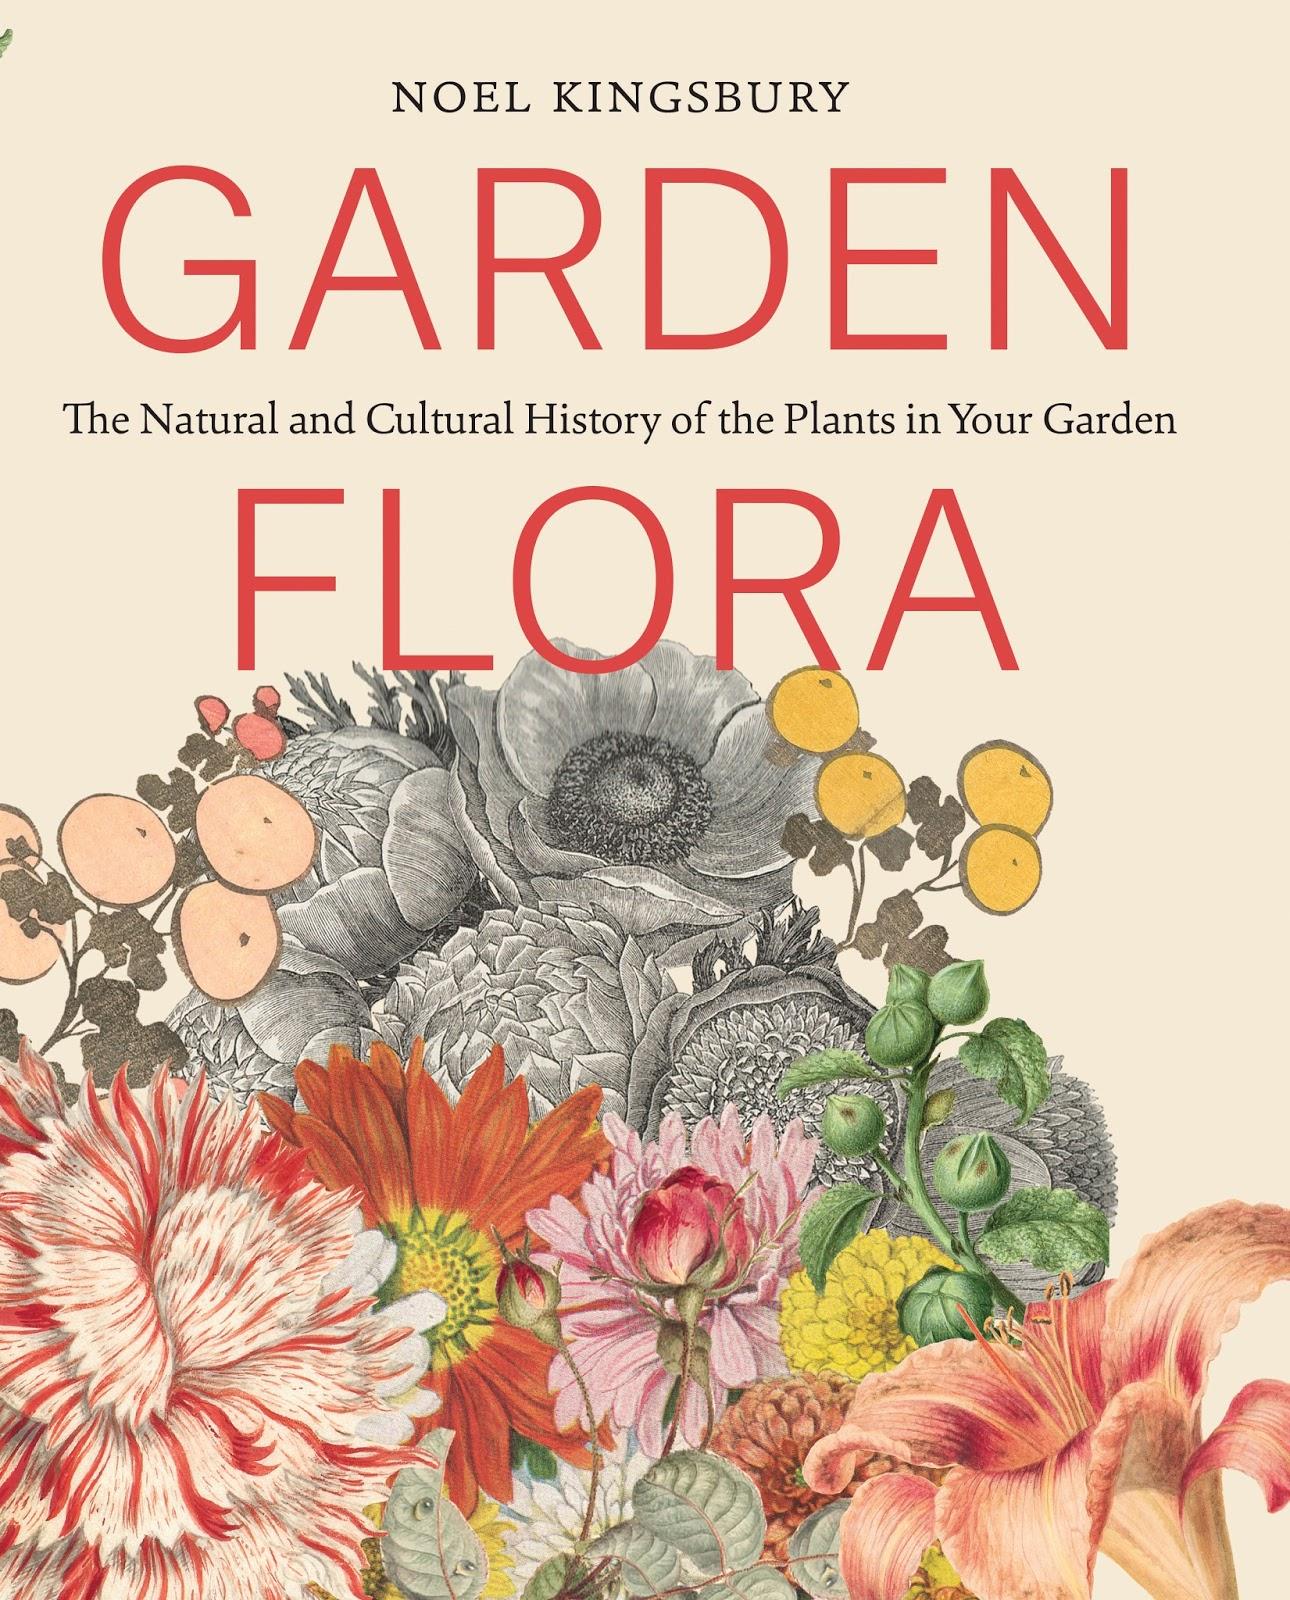 Noel's Garden Blog: 'A Garden Flora' - for Christmas reading all ...